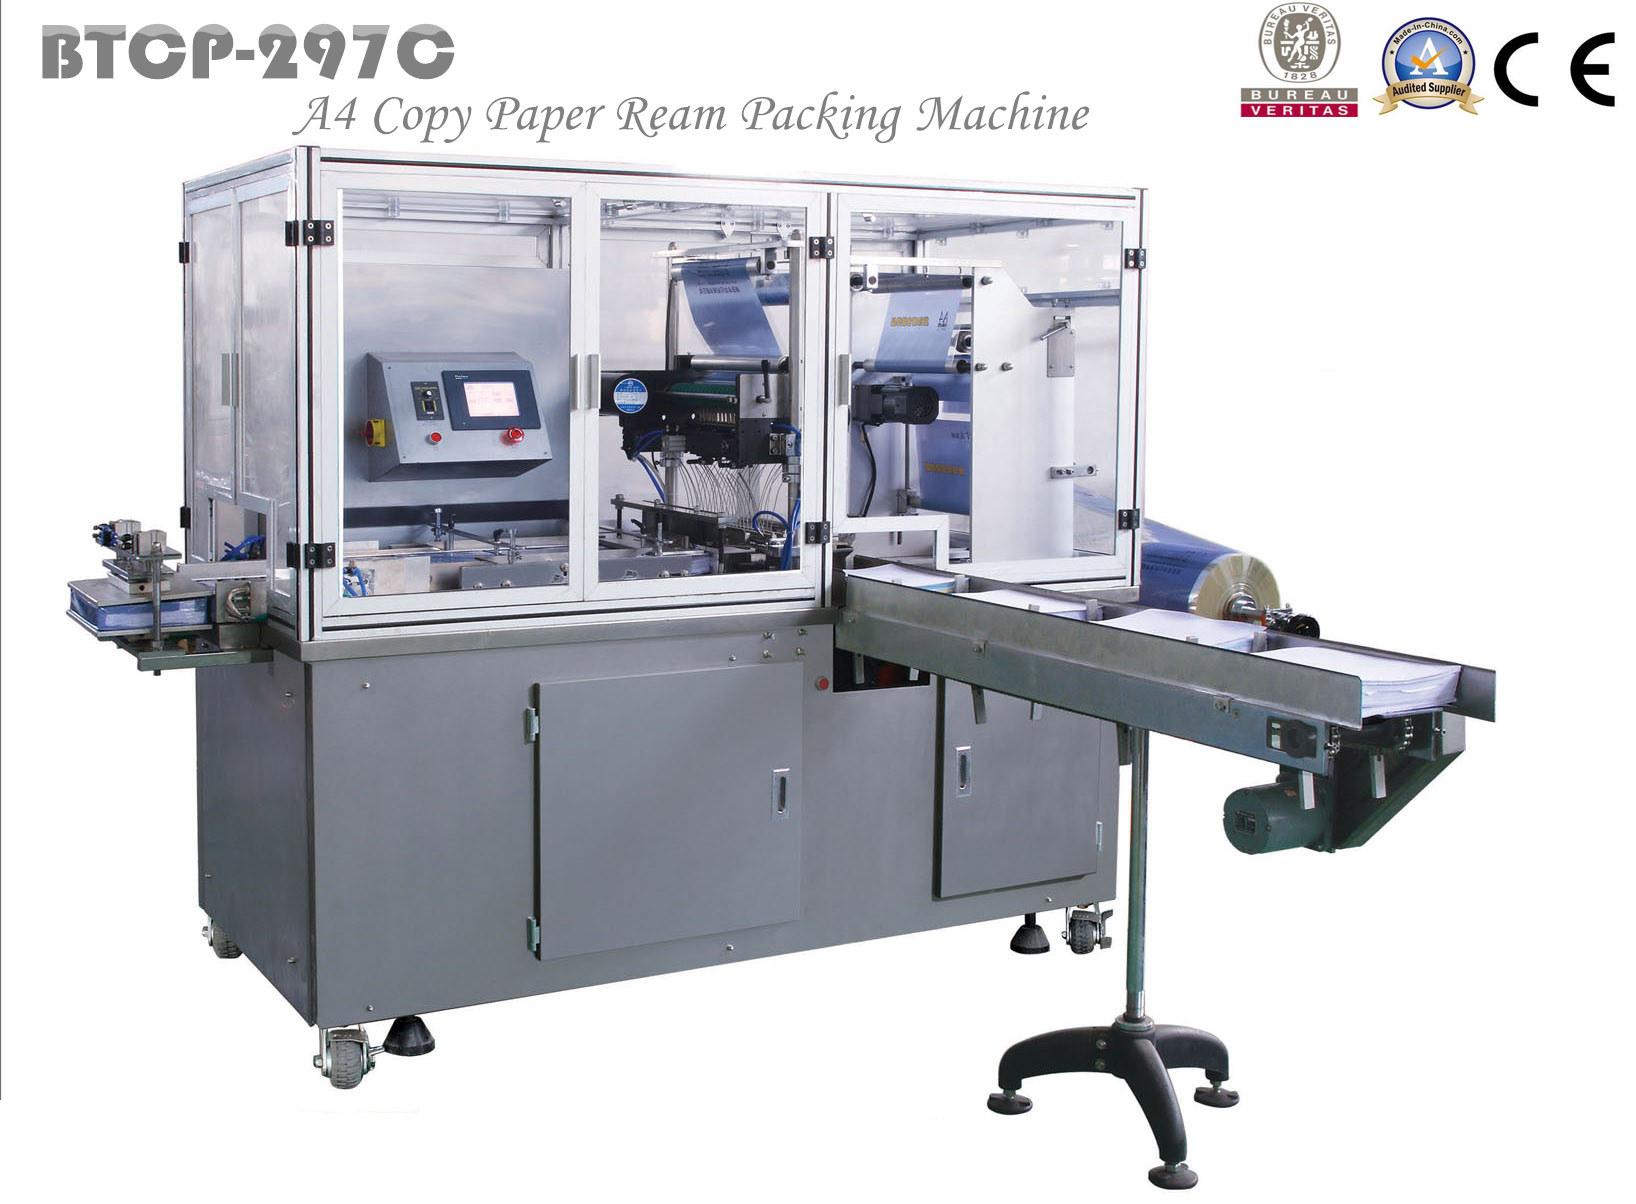 A3/A4 Copy Paper Cutting Machine (BTCP-297C)